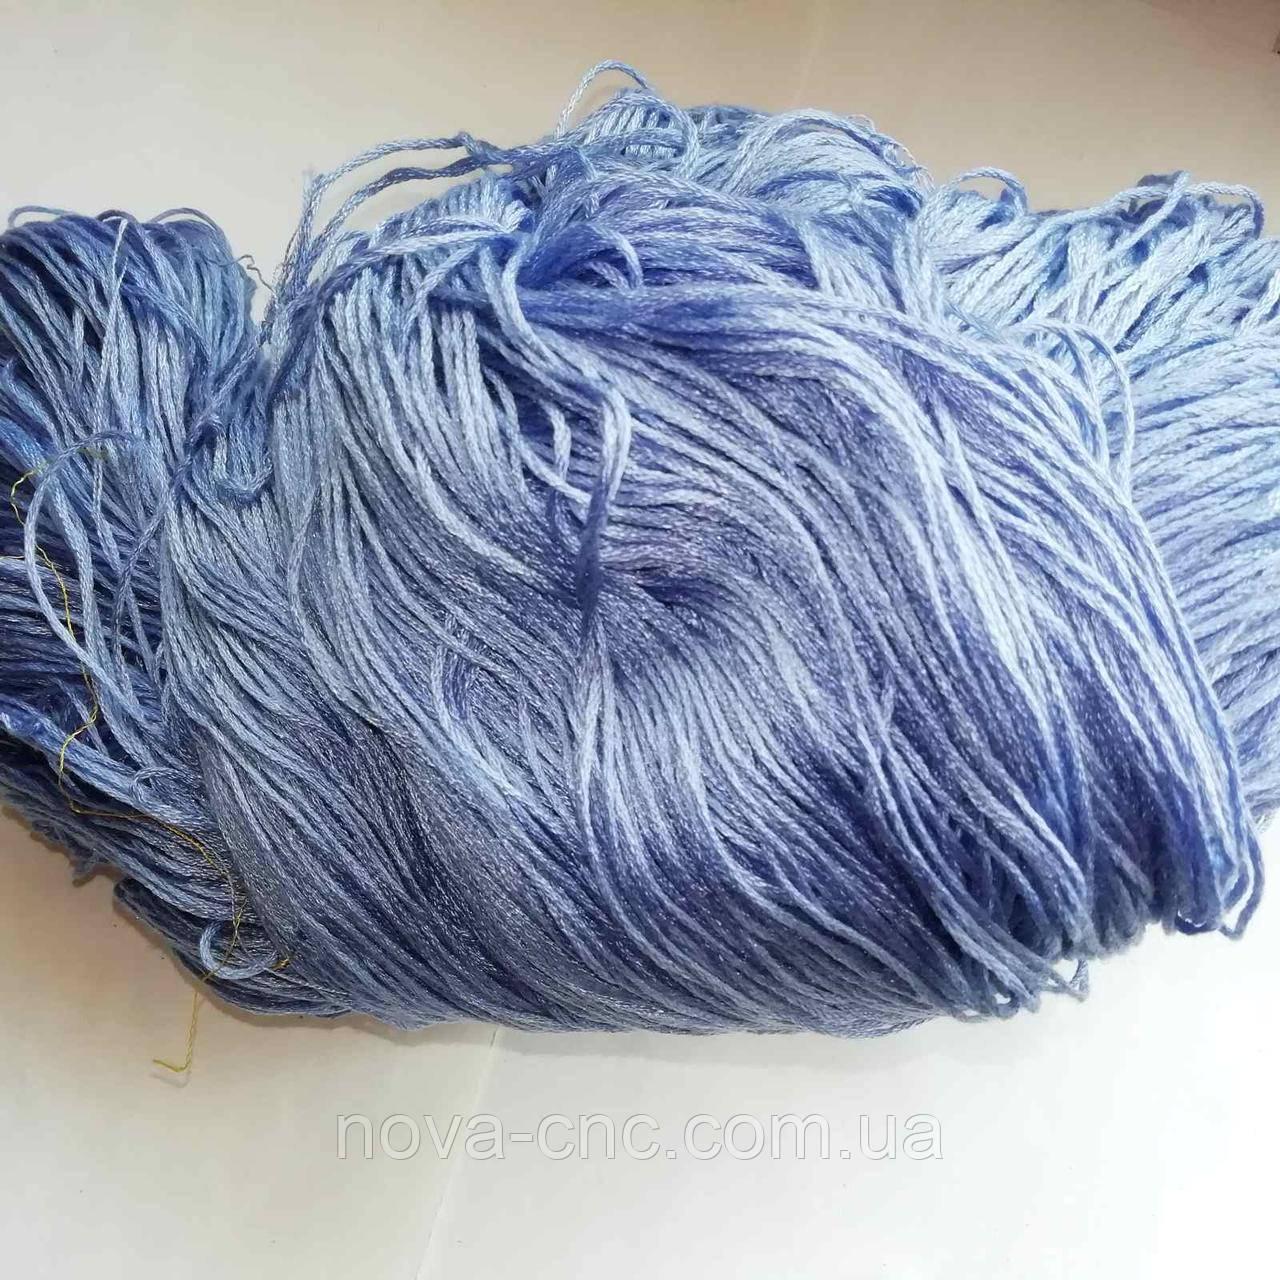 Нитки  Мулине Цвет голубой с сероватым оттенком упаковка 248 грамм